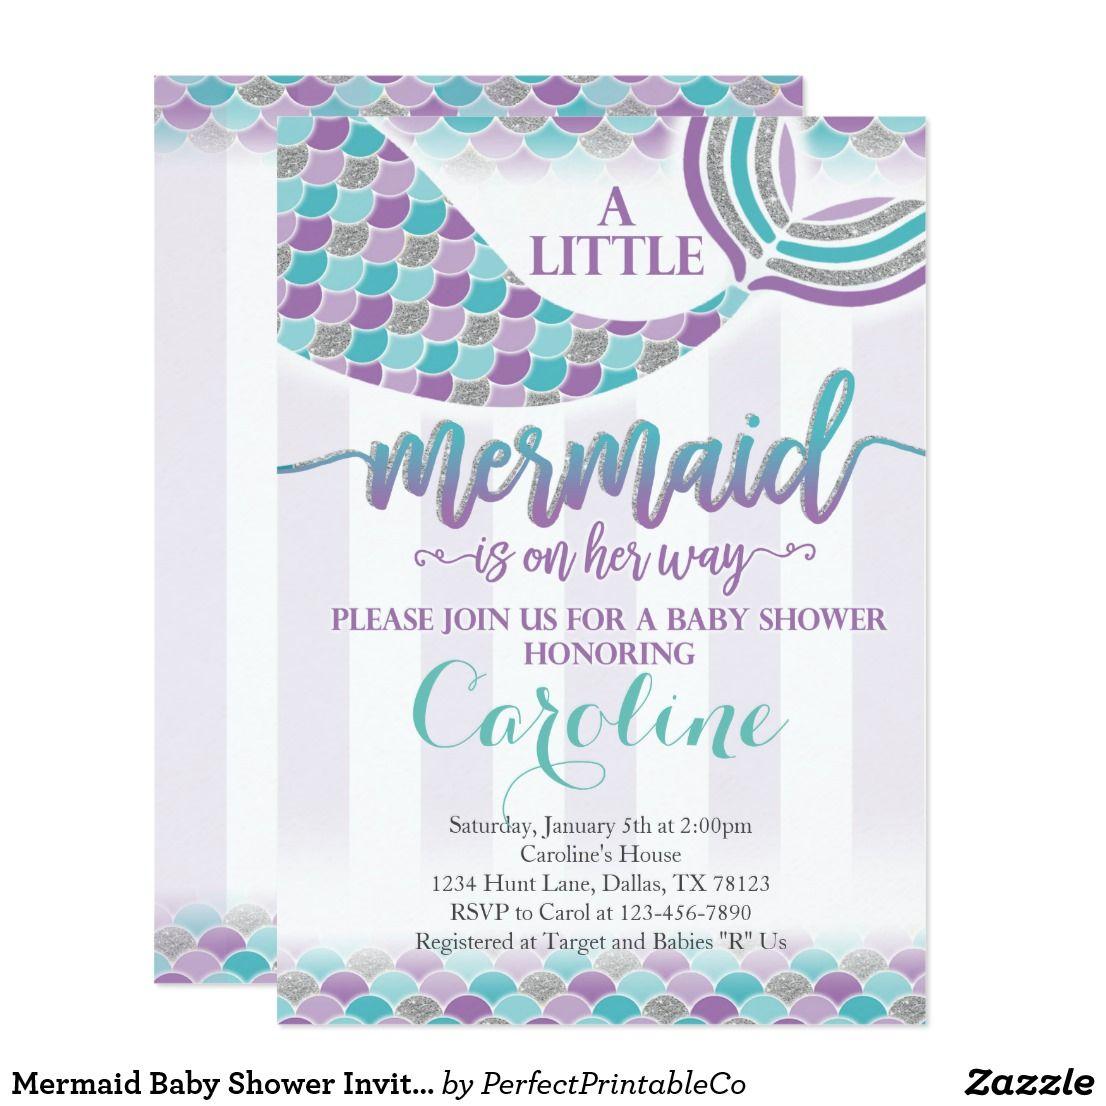 Mermaid Baby Shower Invitation Purple Teal